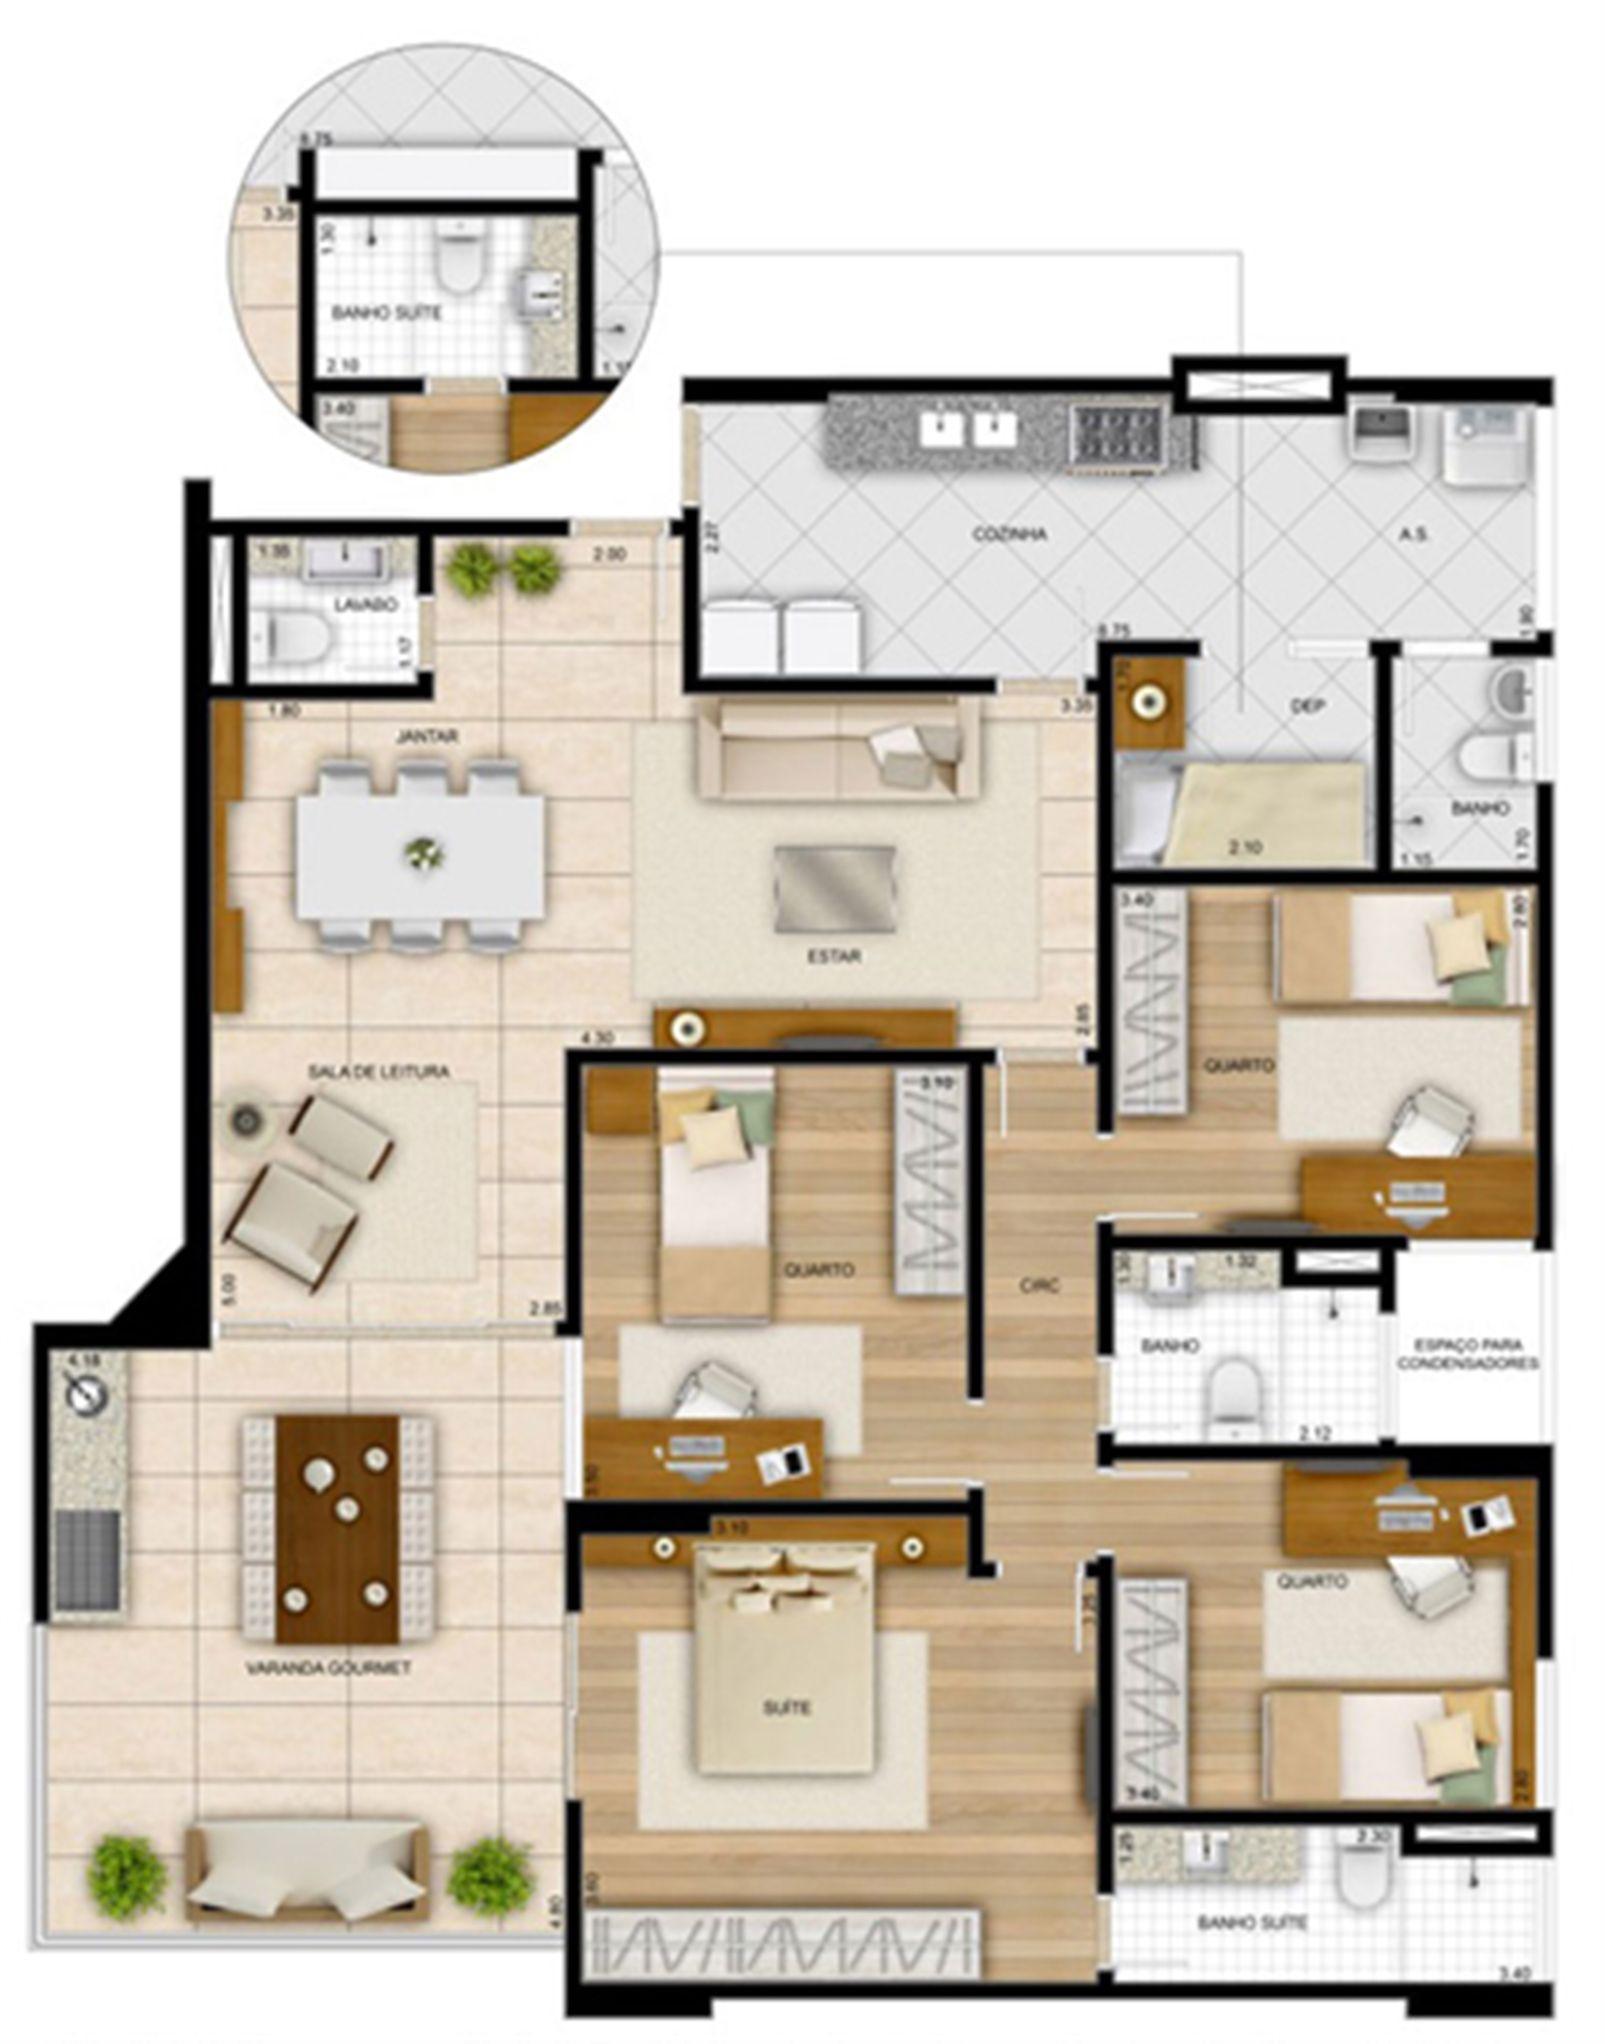 142,24 m² - Planta 4 quartos1 sui´te  | La Plage Residencial Clube – Apartamentona  Praia da Costa - Vila Velha - Espírito Santo